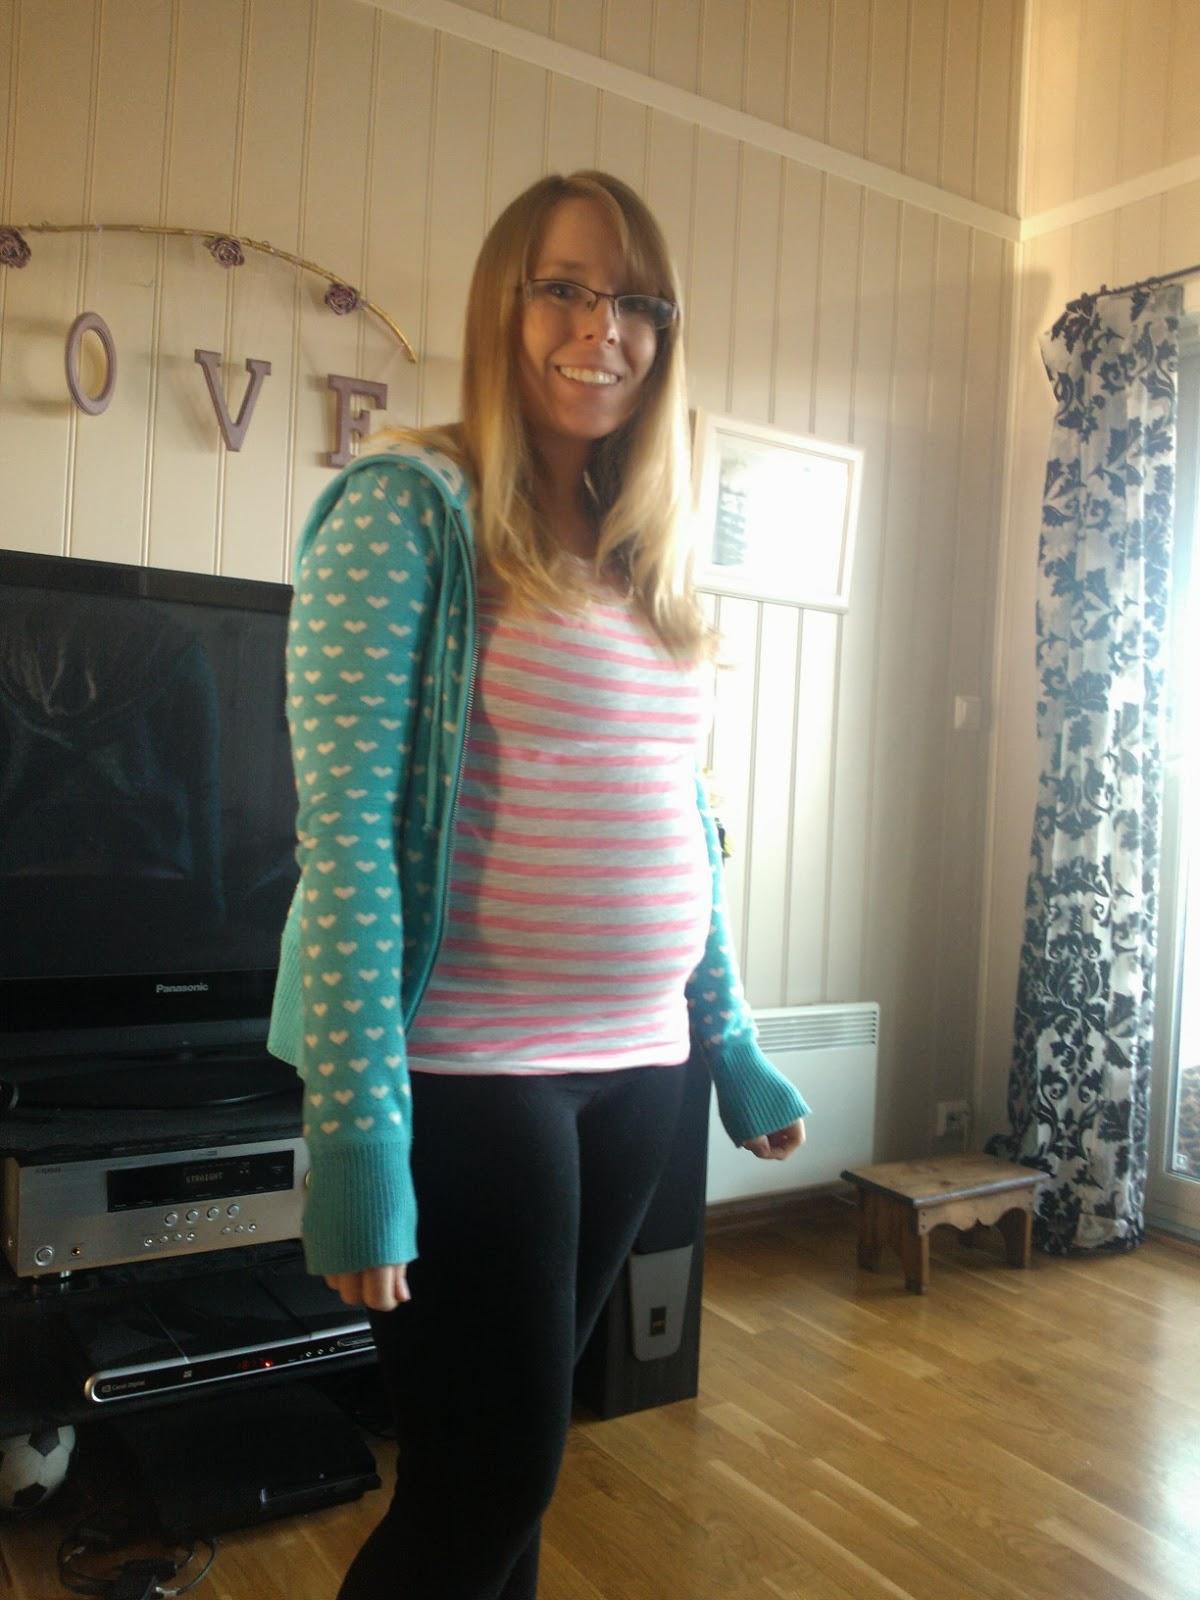 one night stand worried pregnancy trondheim